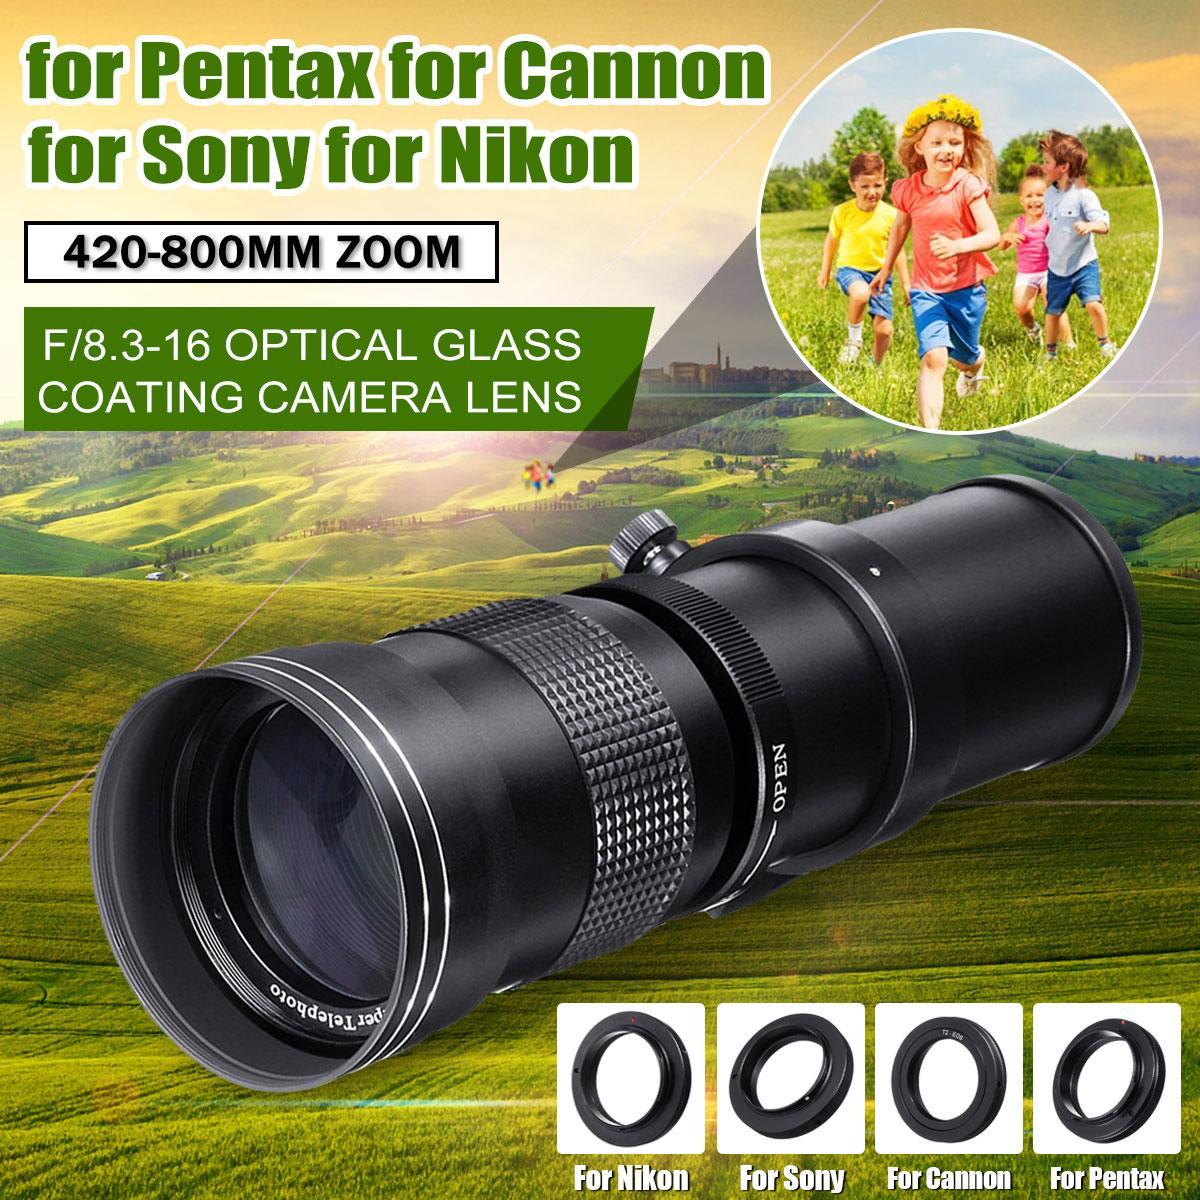 Objectif d'appareil photo 420-800mm F/8.3-16 Super téléobjectif Zoom manuel objectif pour Canon pour Nikon/Sony/Pentax DSLR SLR